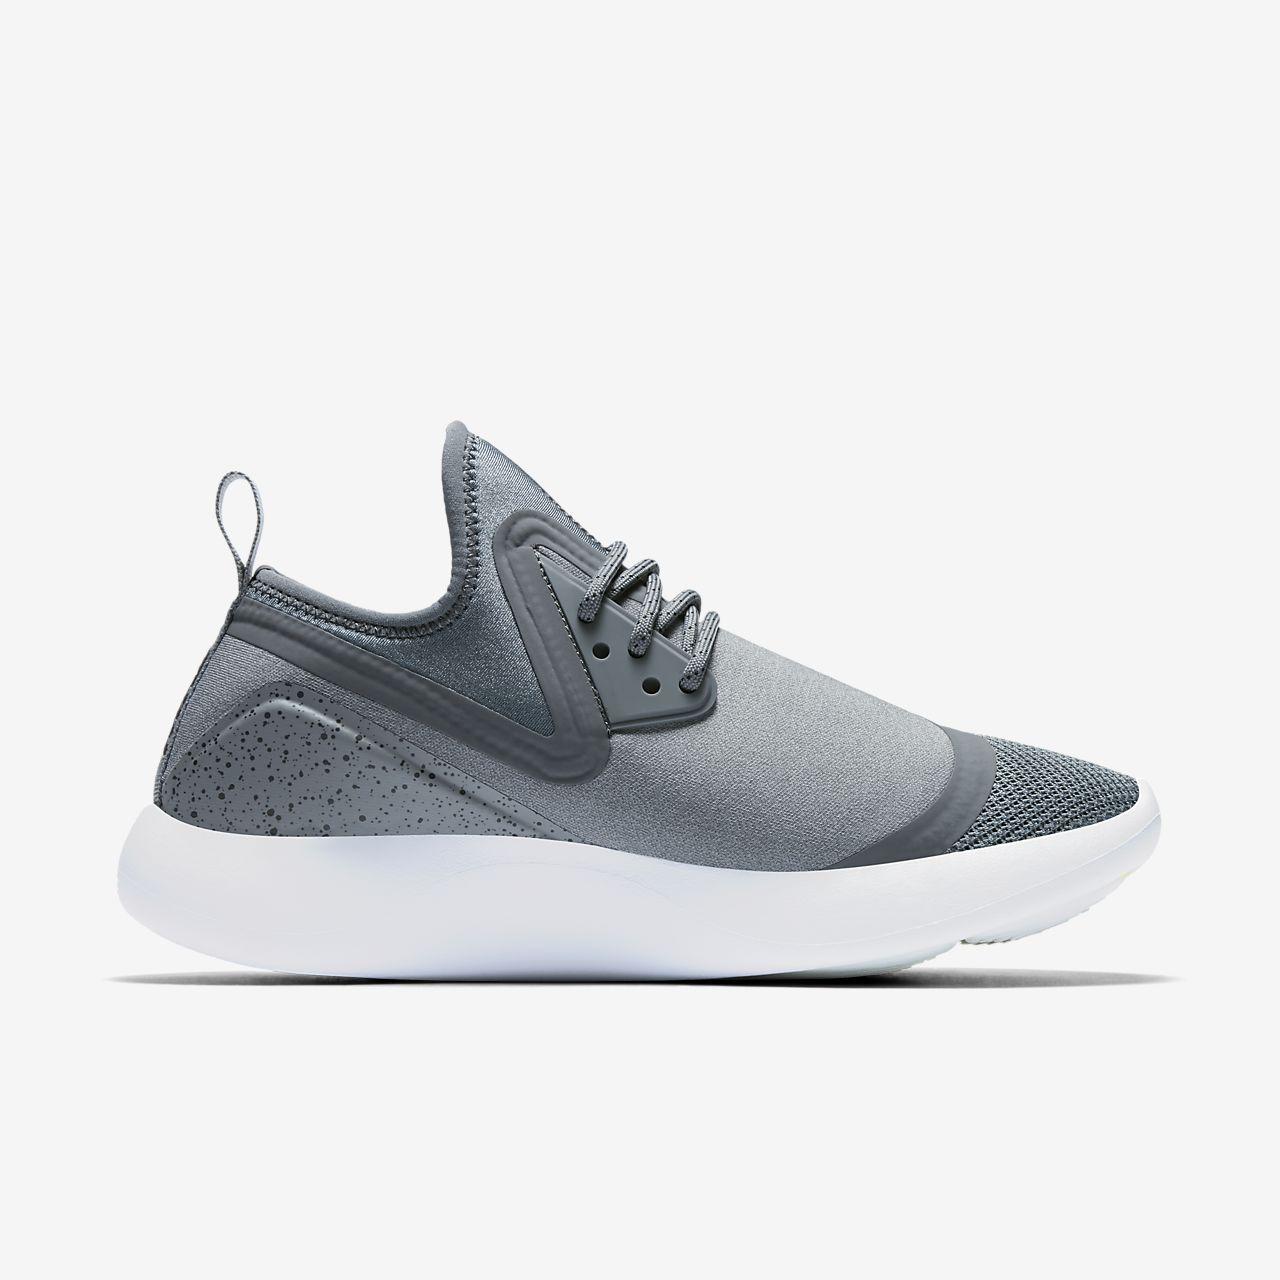 nike shoes gray women 951347